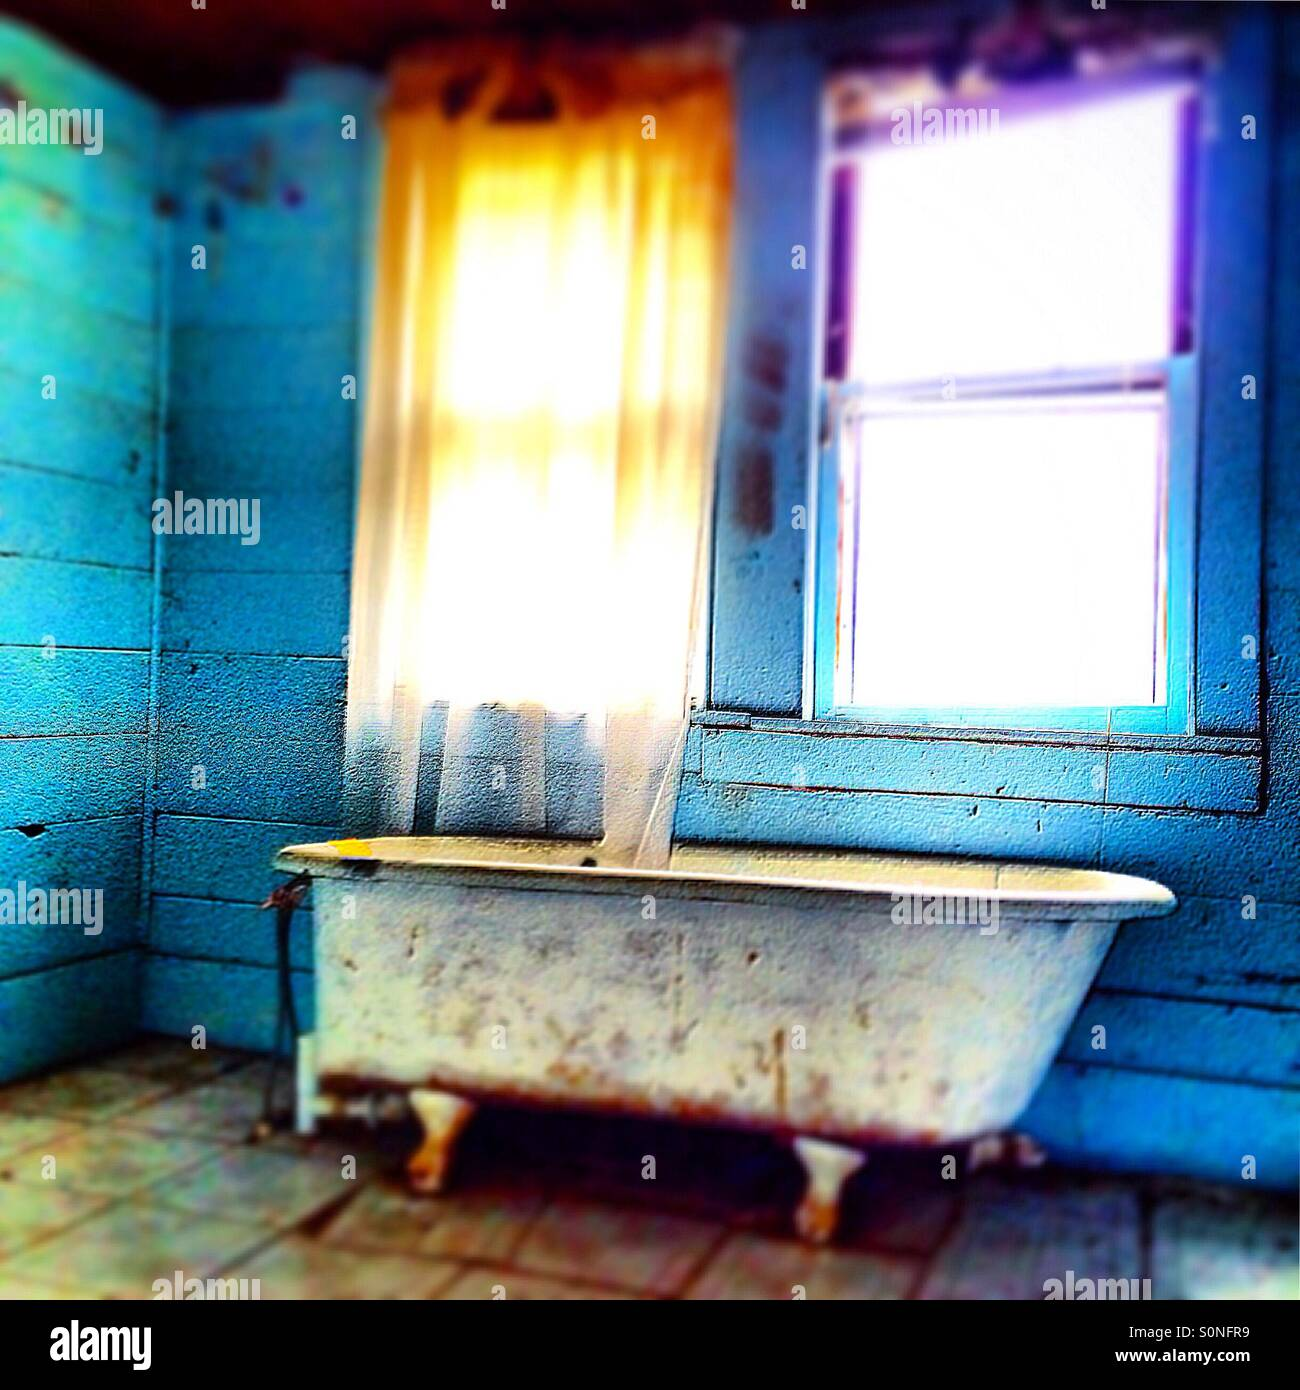 Abandoned bathtub - Stock Image